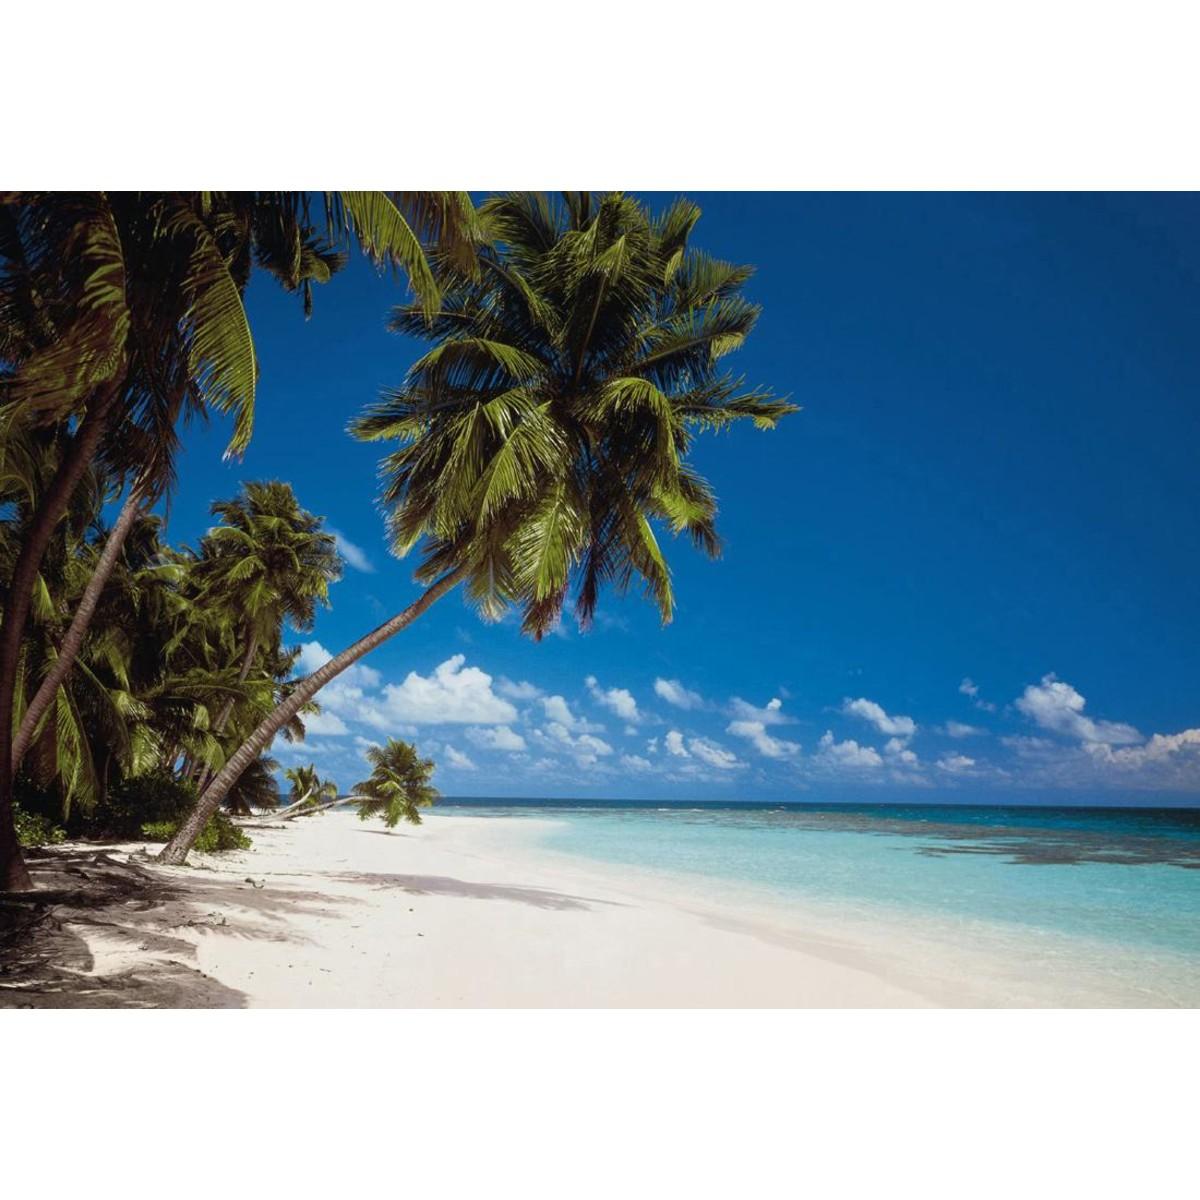 Фотообои Komar Maldives 8-240 388х270 см